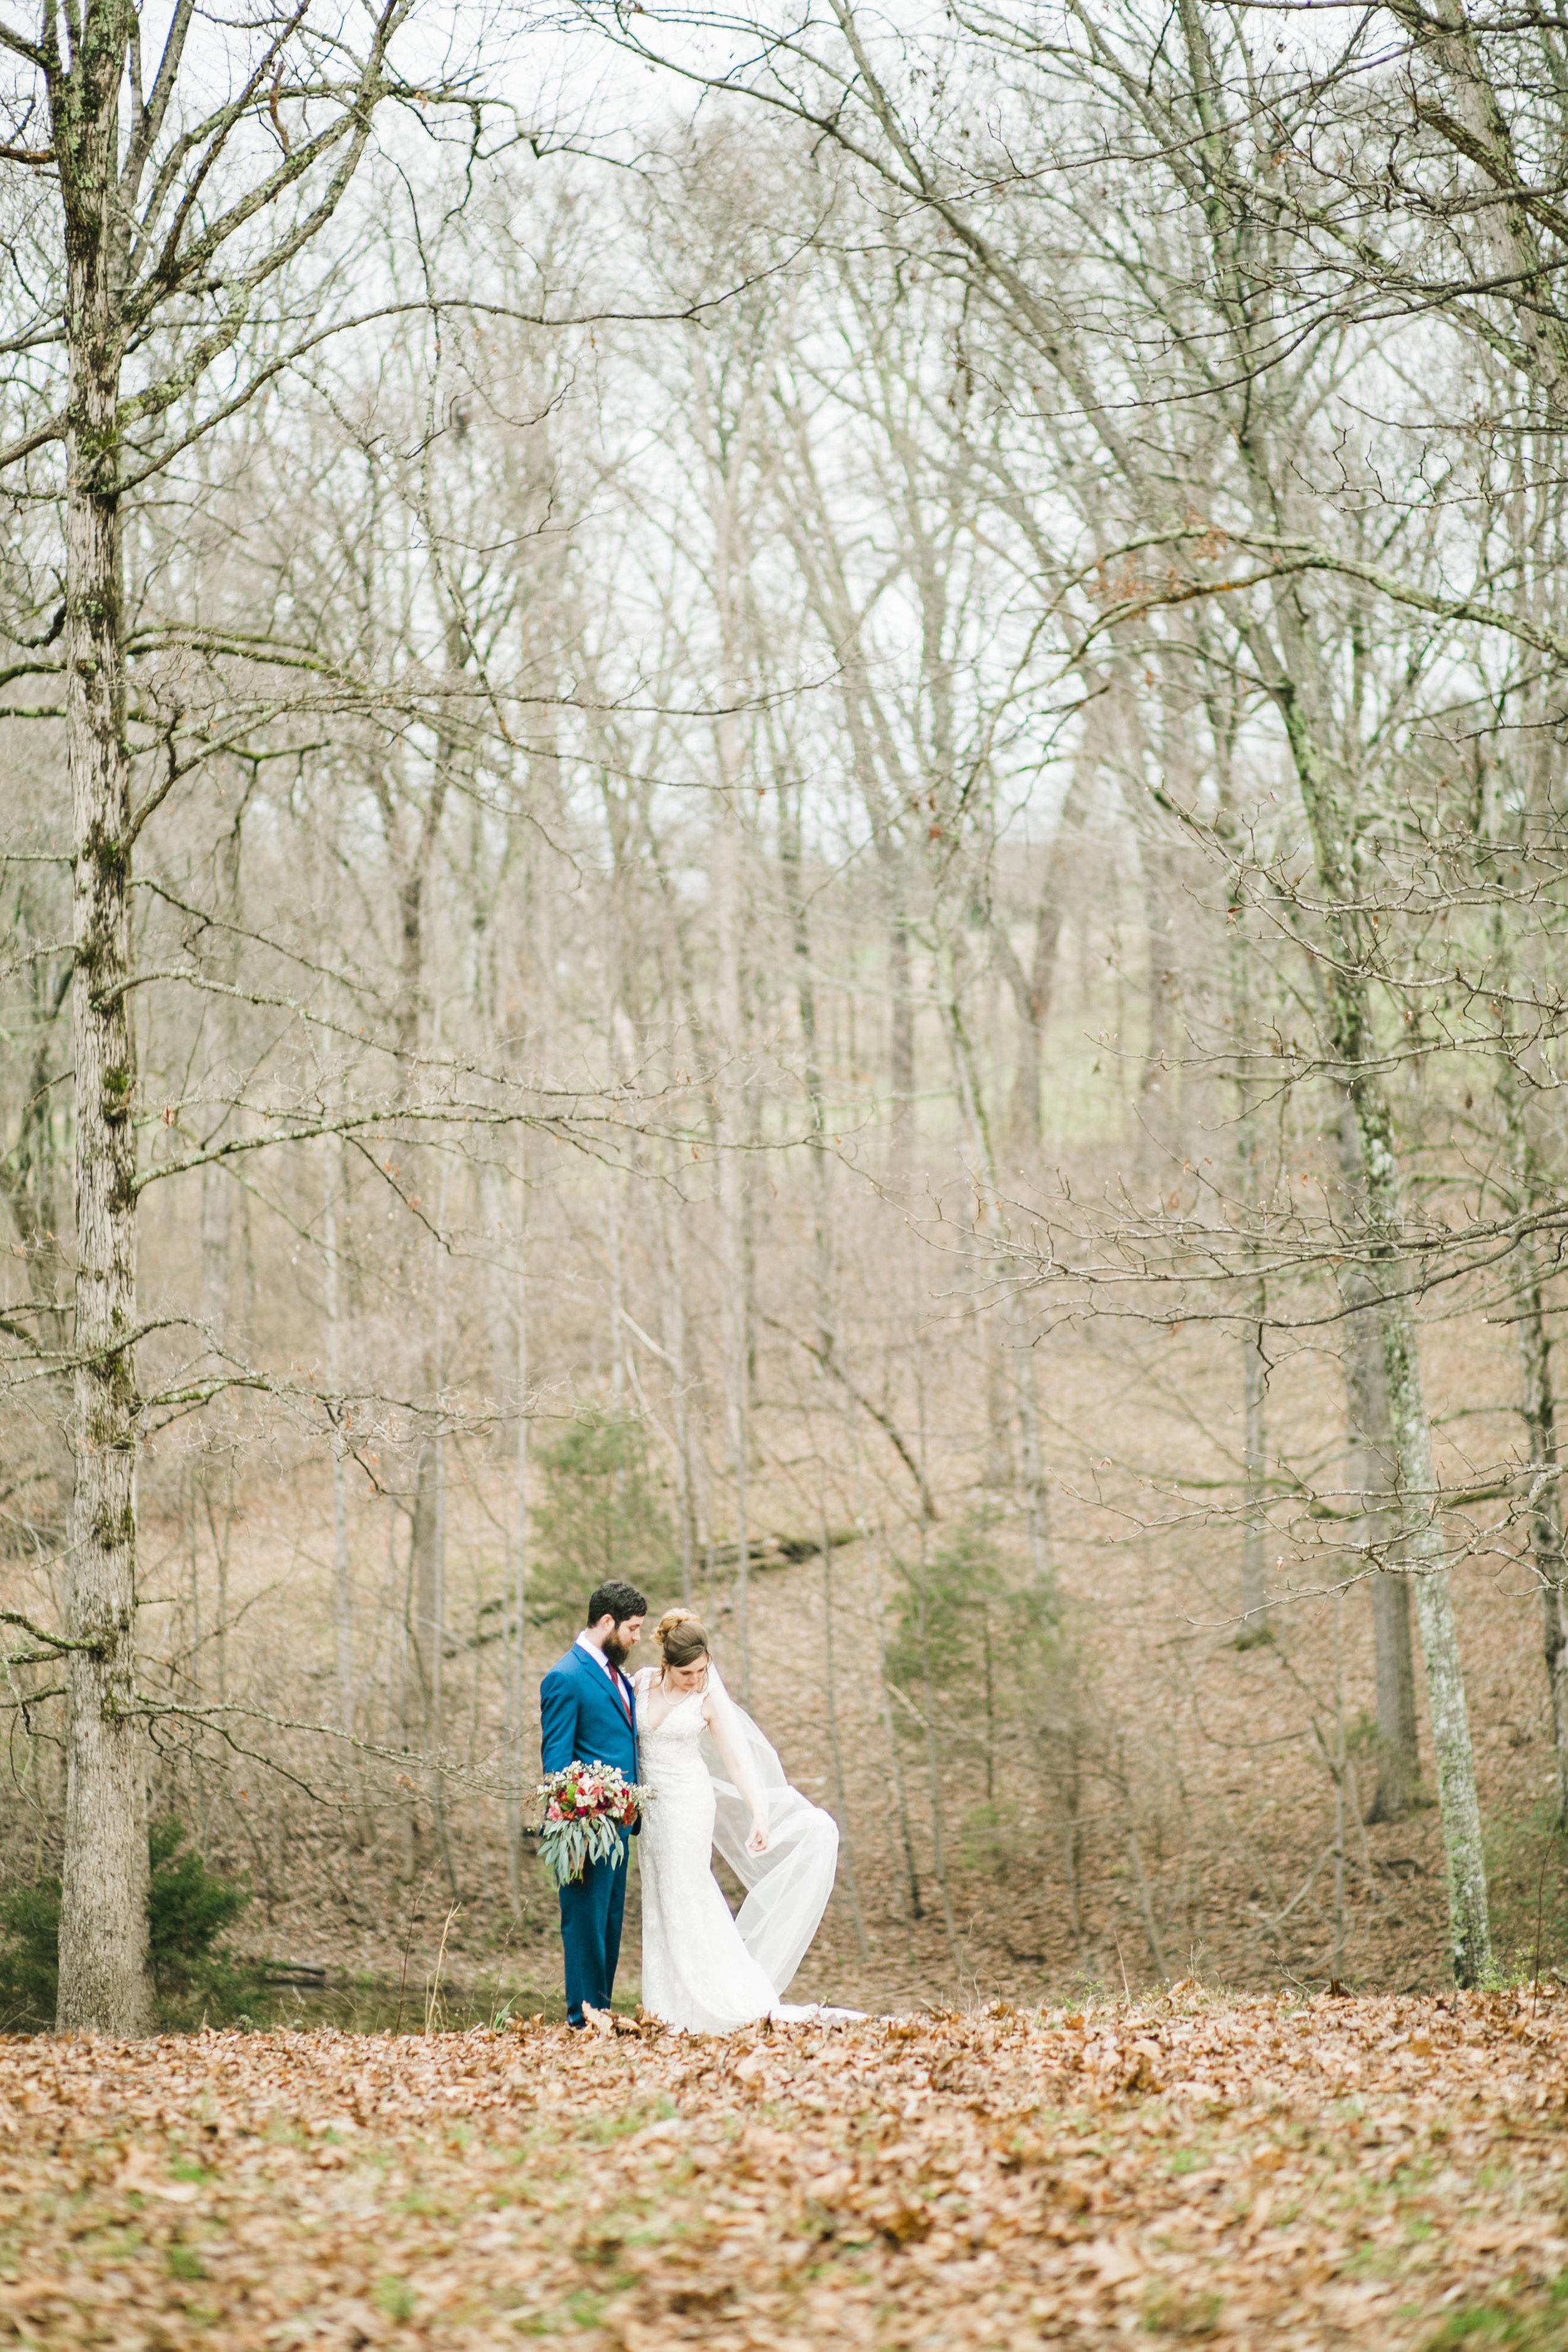 Heartland Meadows Knoxville Spring Fall Wedding Winx Photo